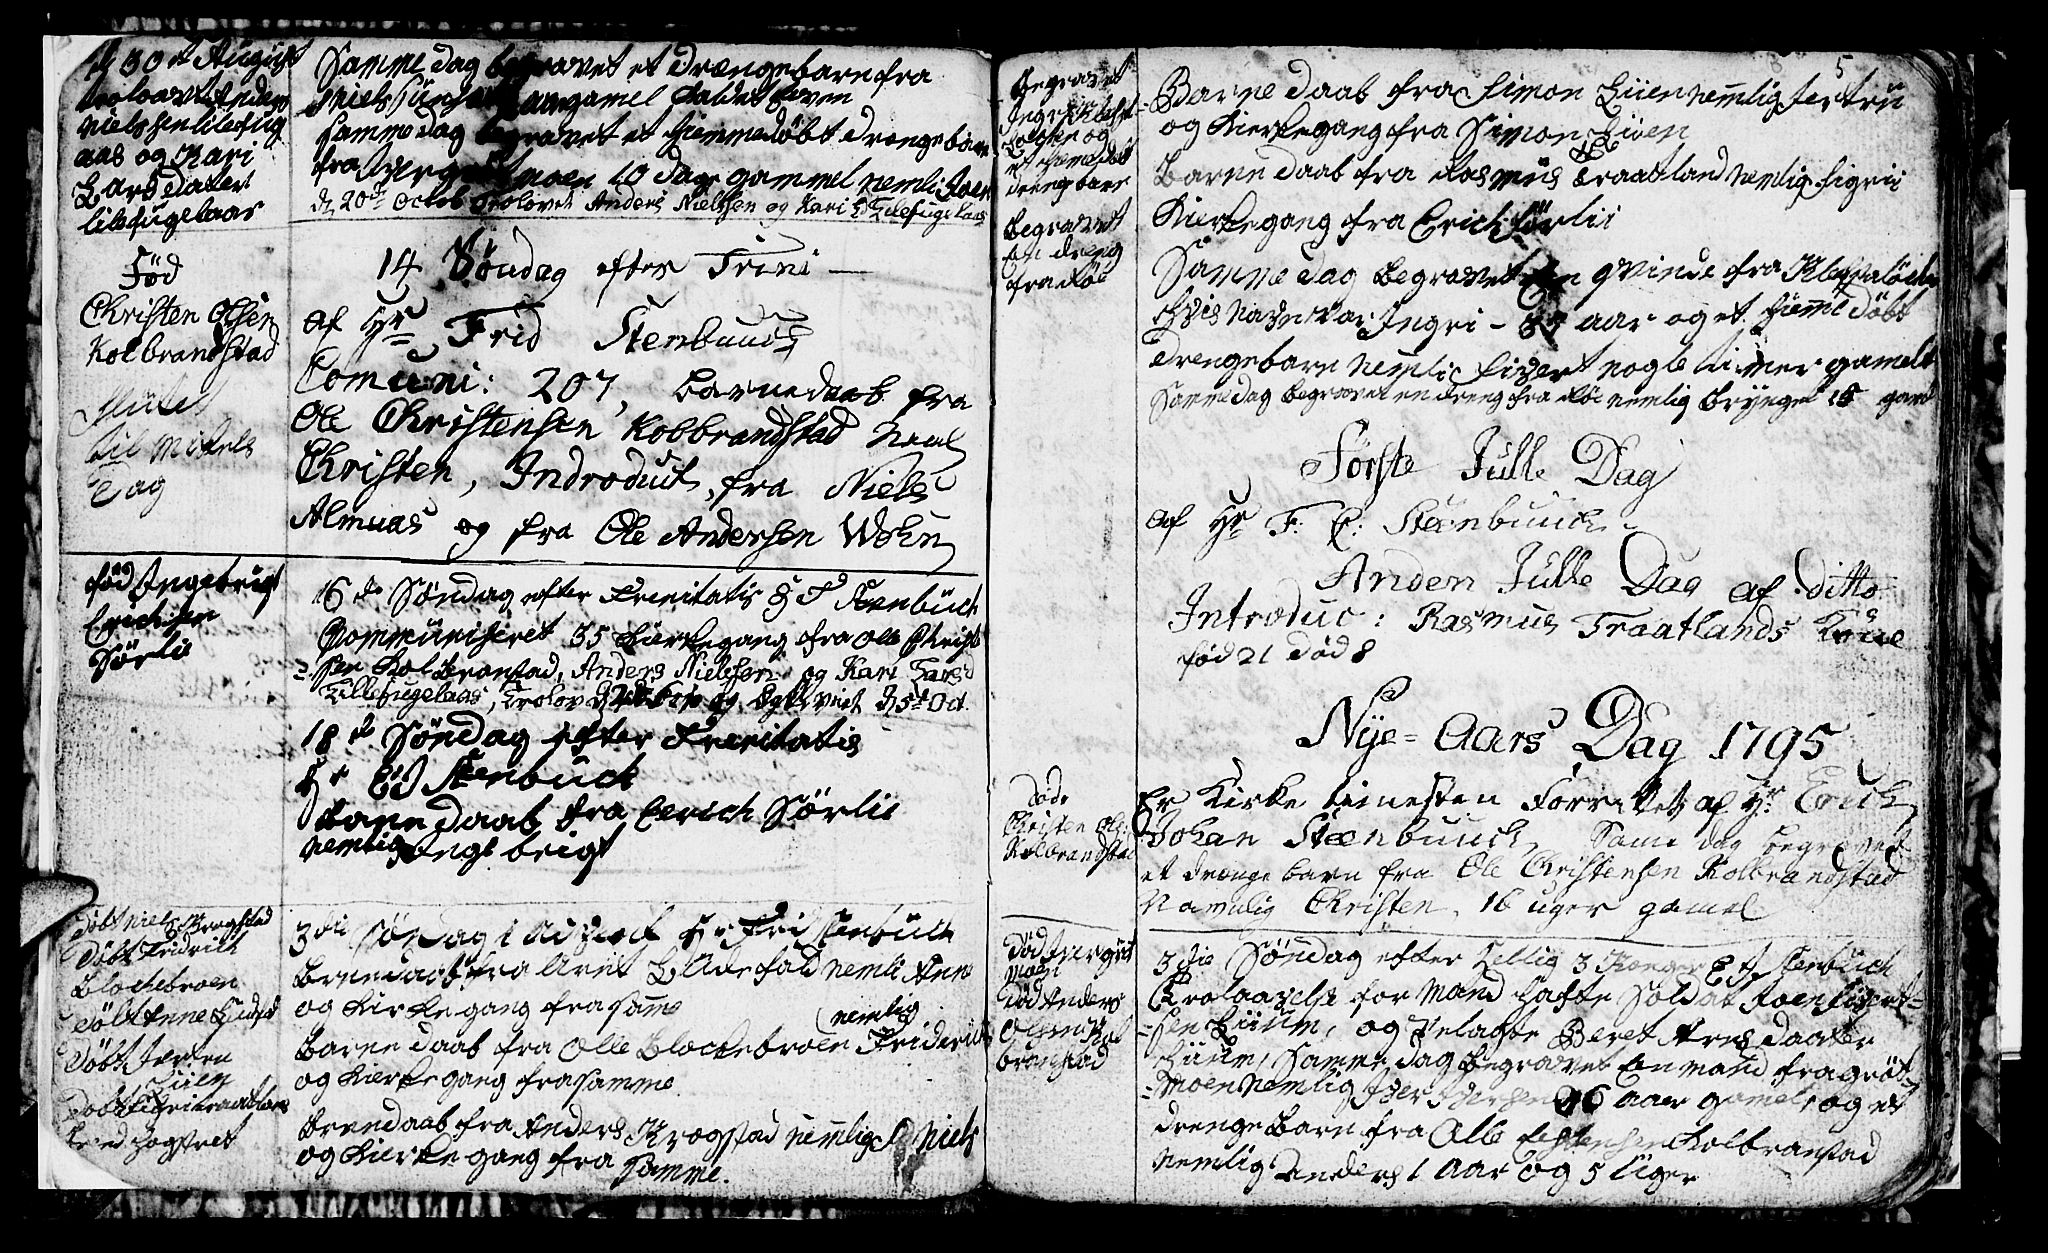 SAT, Ministerialprotokoller, klokkerbøker og fødselsregistre - Sør-Trøndelag, 694/L1129: Klokkerbok nr. 694C01, 1793-1815, s. 5